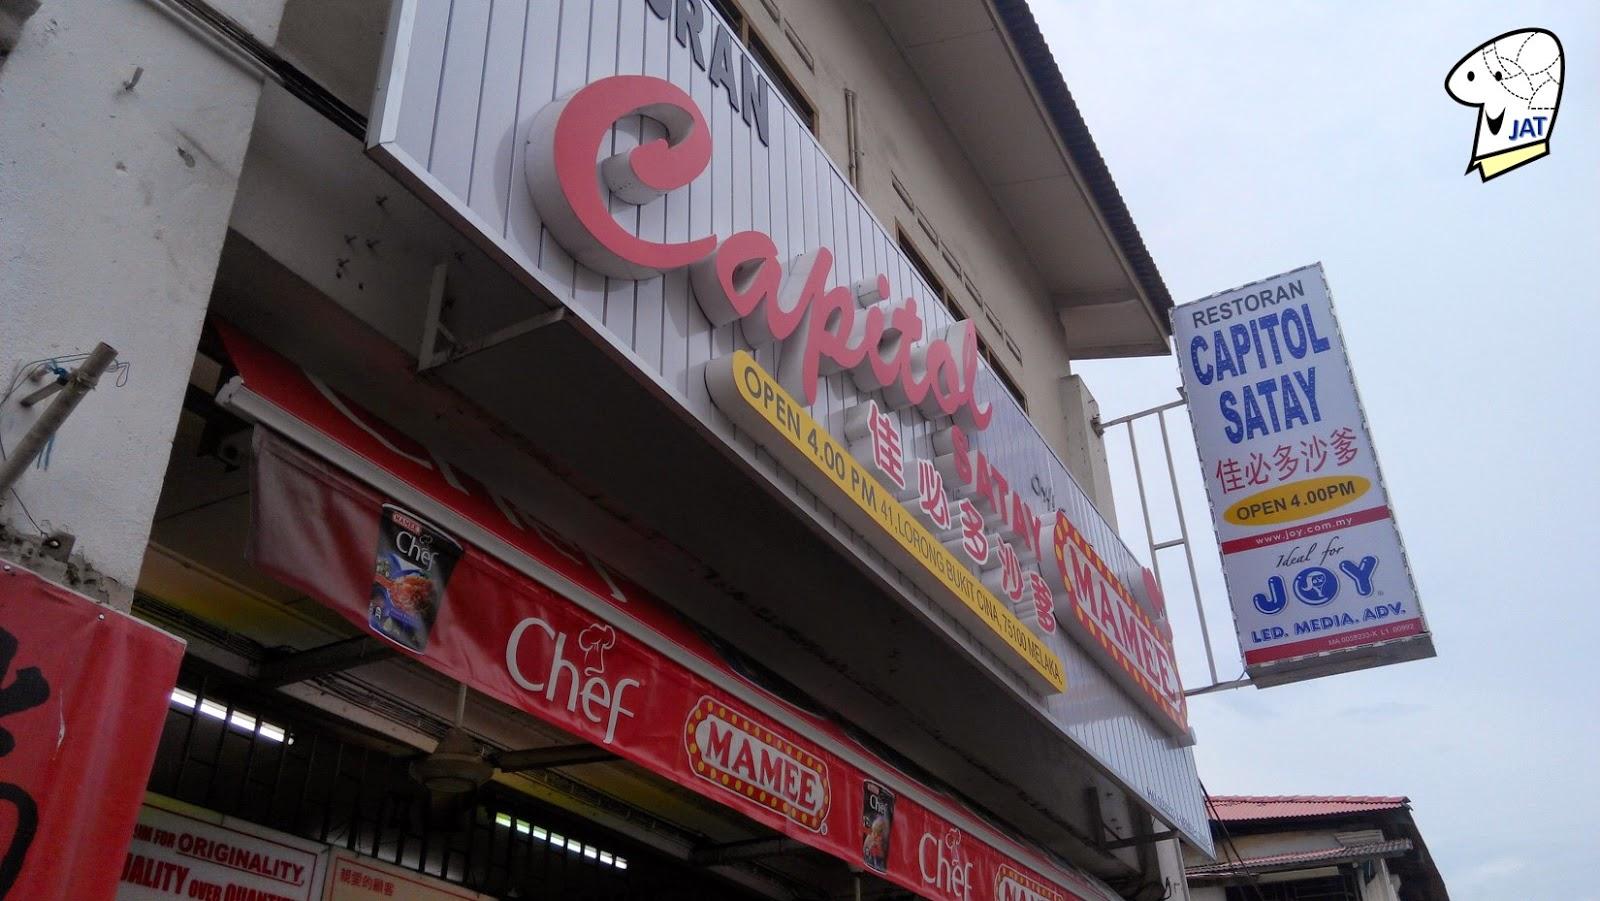 Restoran Capitol Satay sign.